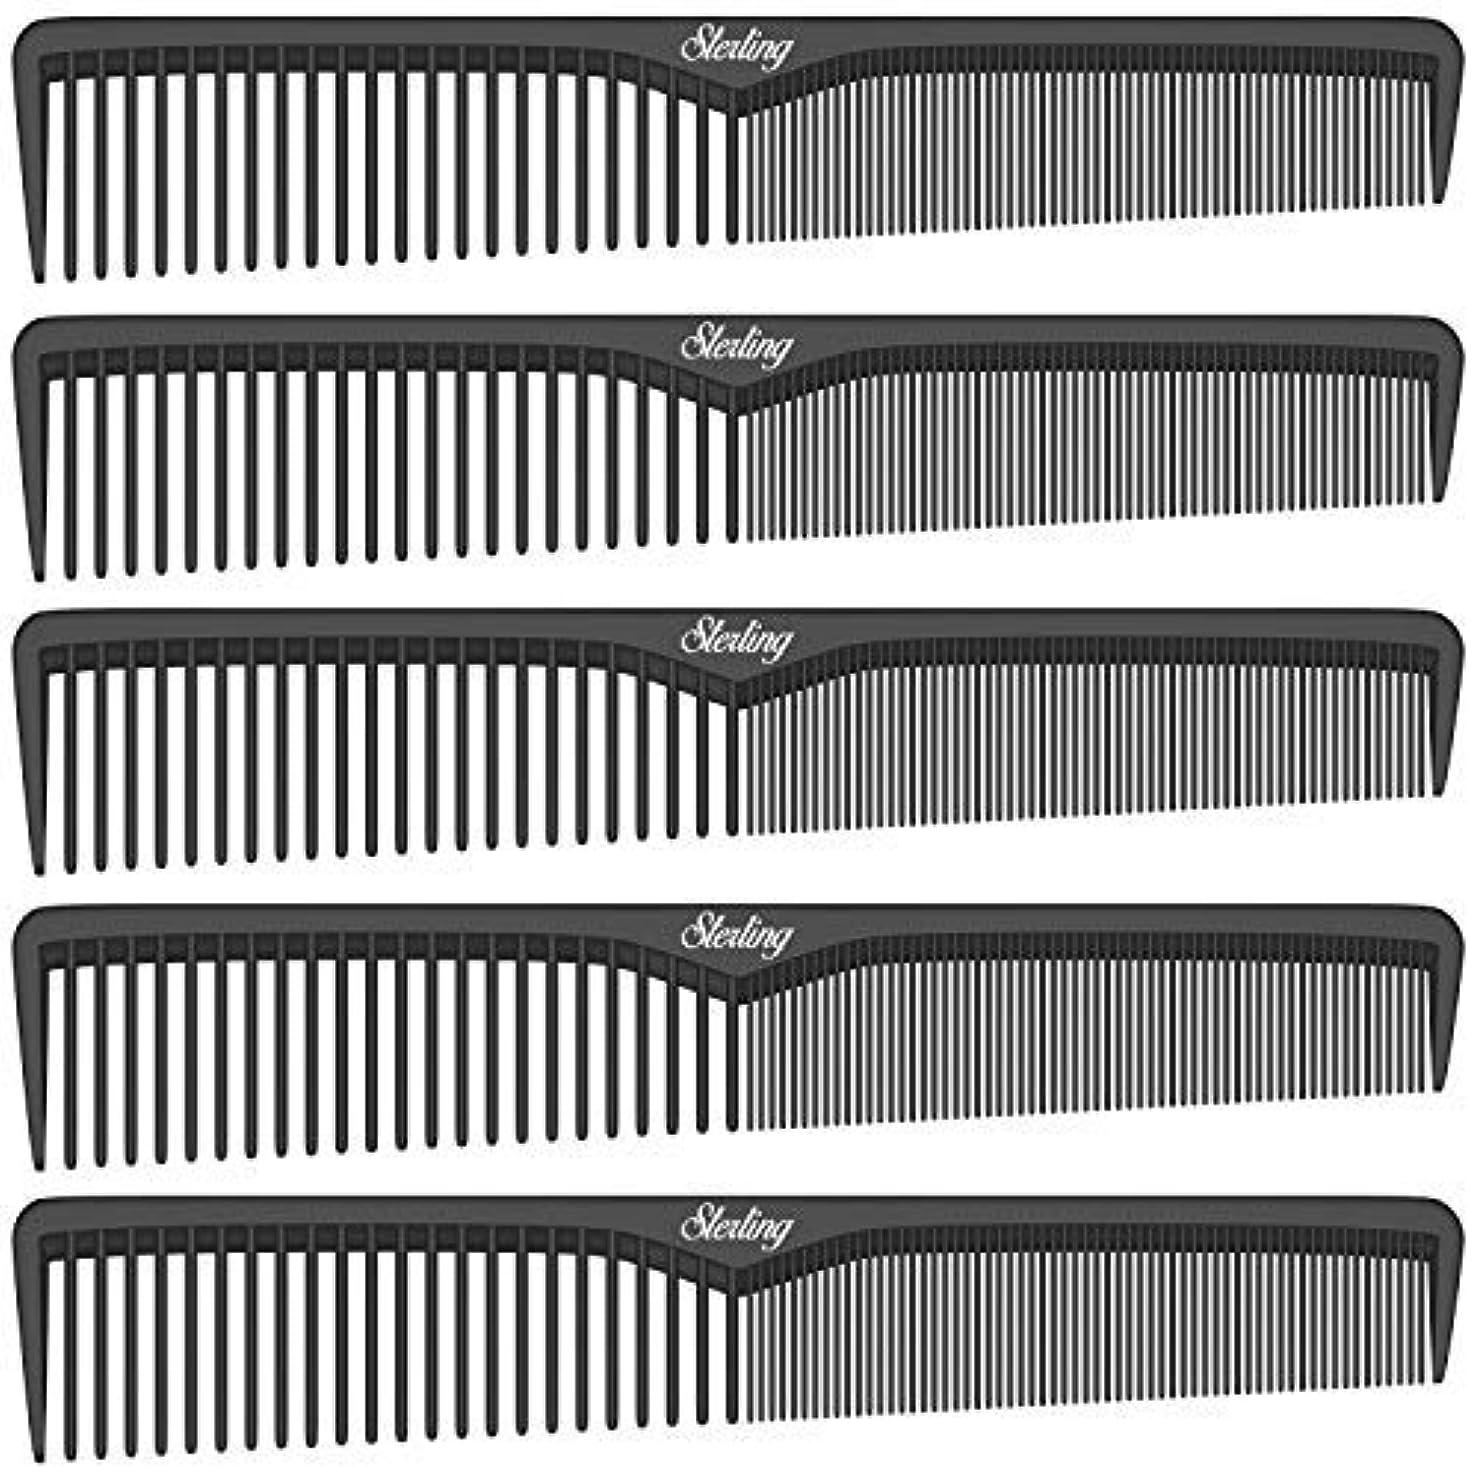 バンカー修正する発揮するSterling Beauty Tools Styling Combs, Professional 7